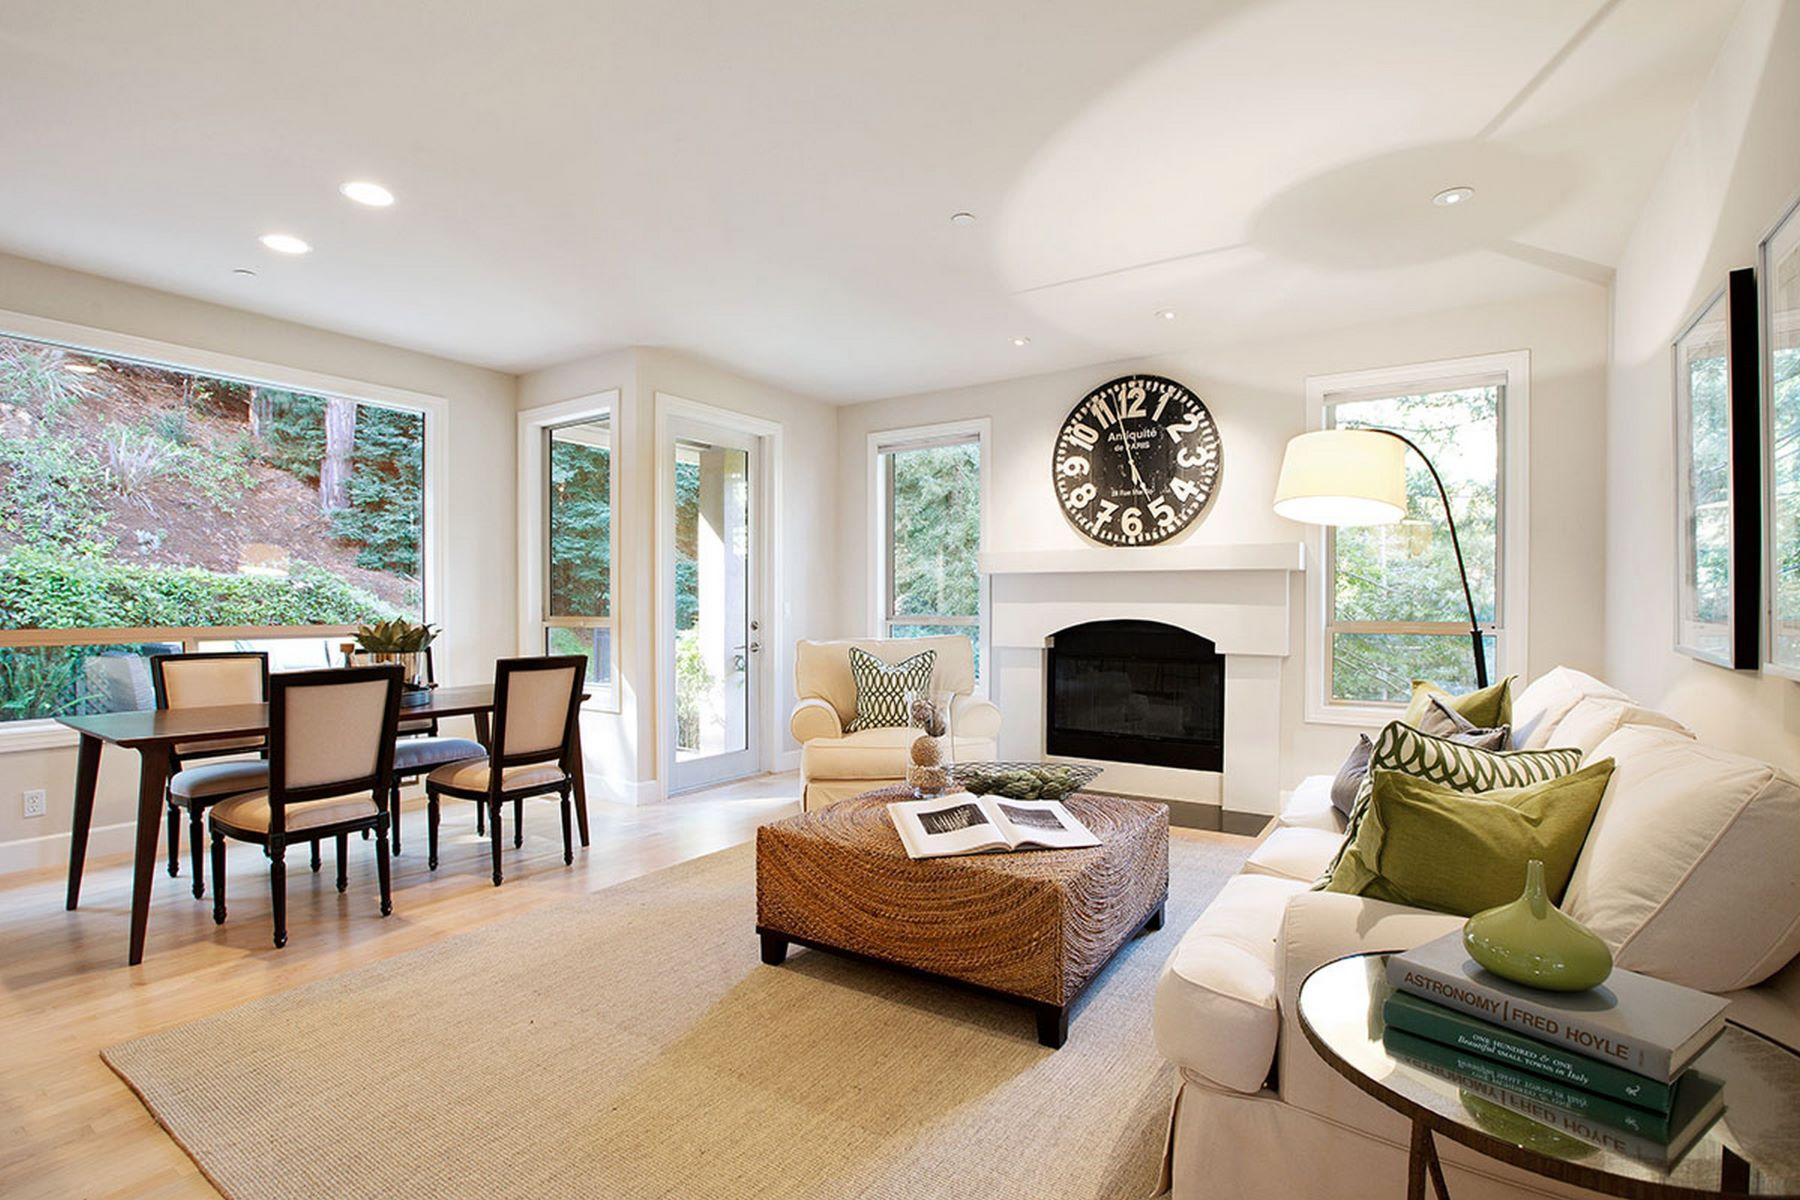 Частный односемейный дом для того Продажа на Architecturally Stunning Private Estate 255 Ralston Avenue Mill Valley, Калифорния 94941 Соединенные Штаты